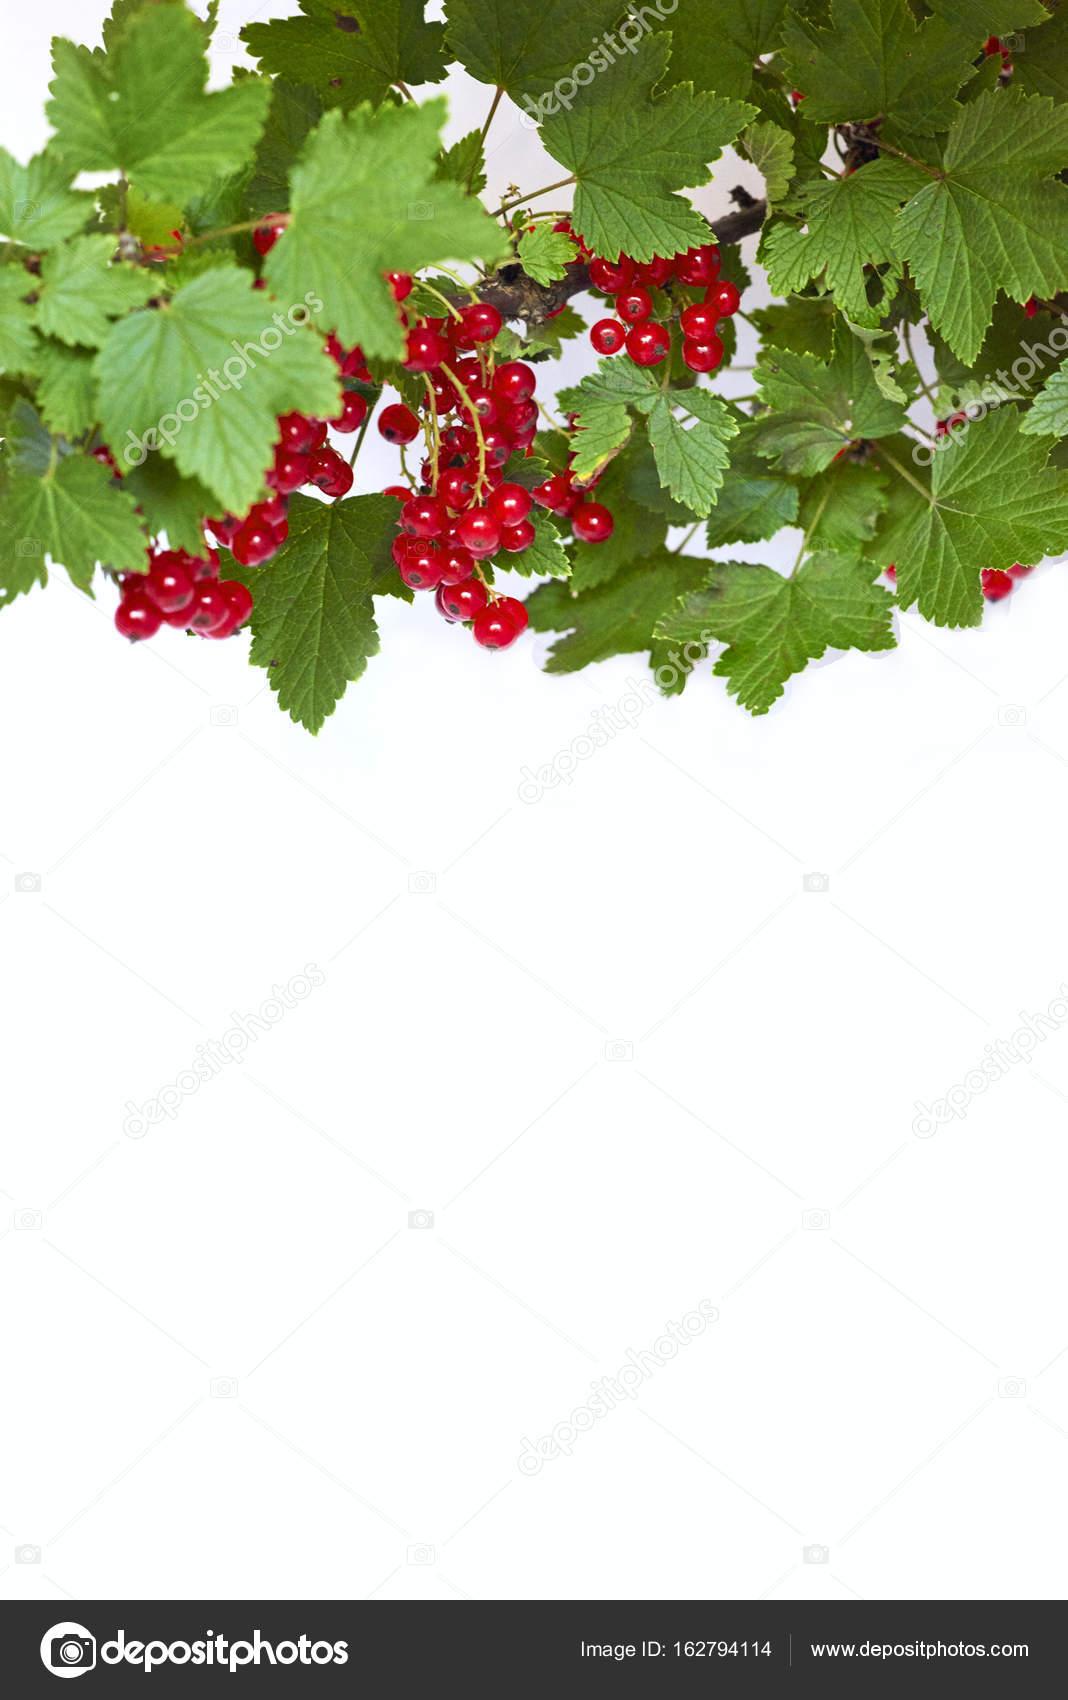 Bündel von roten Johannisbeeren auf einem Zweig - mock-up Vorlage ...